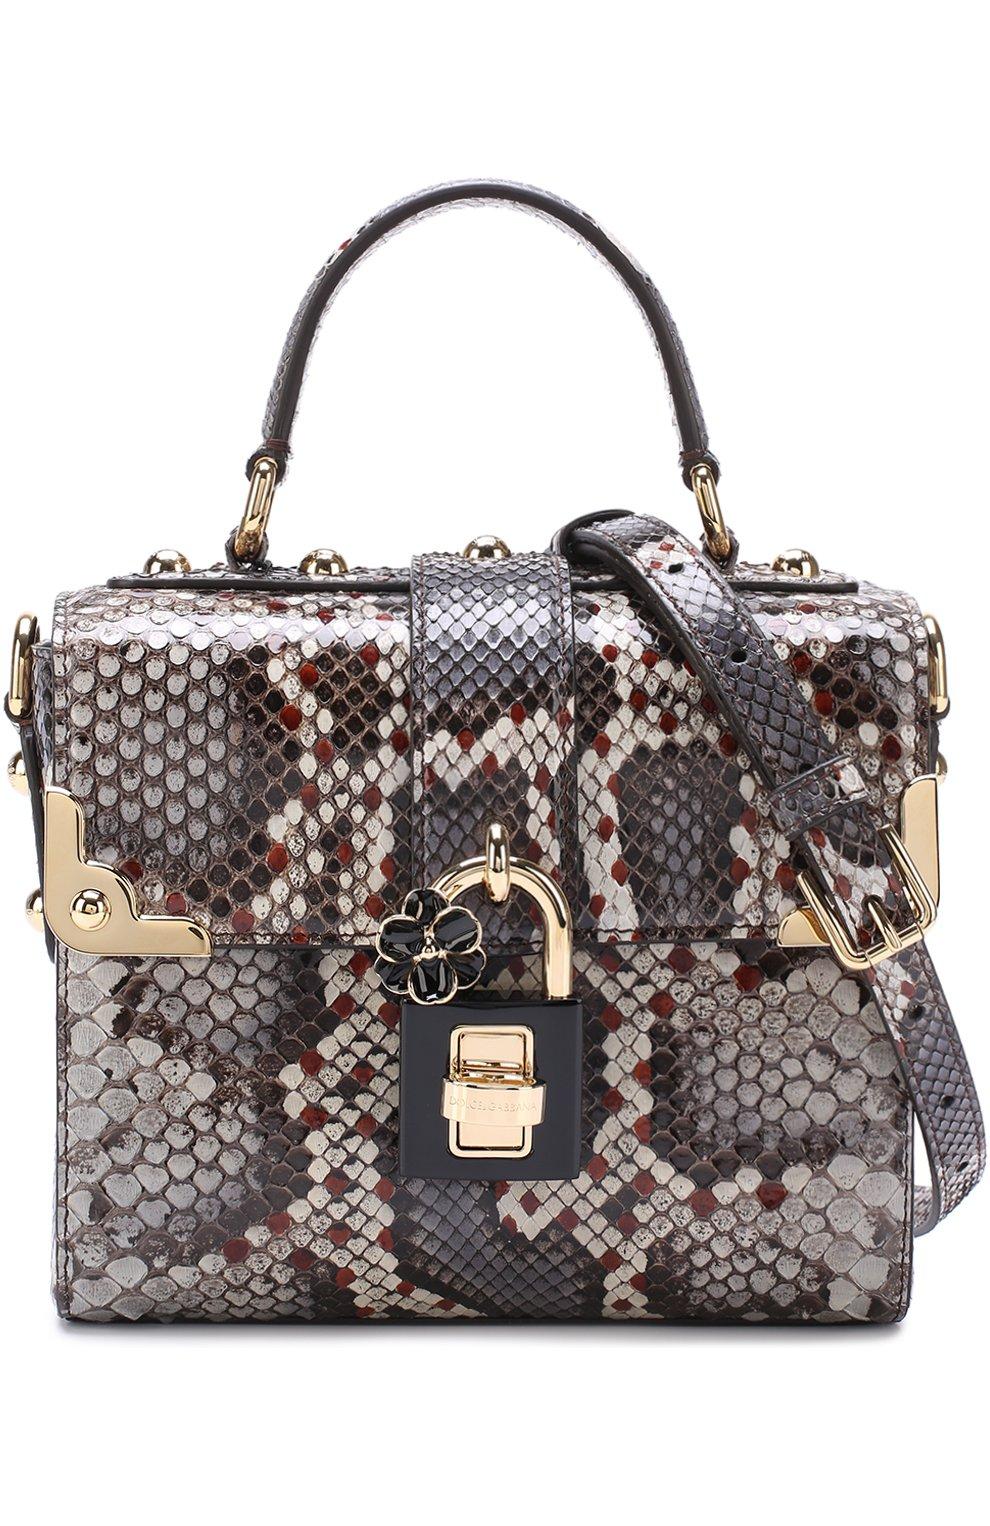 Сумка Dolce Soft из кожи питона Dolce & Gabbana серая цвета | Фото №6